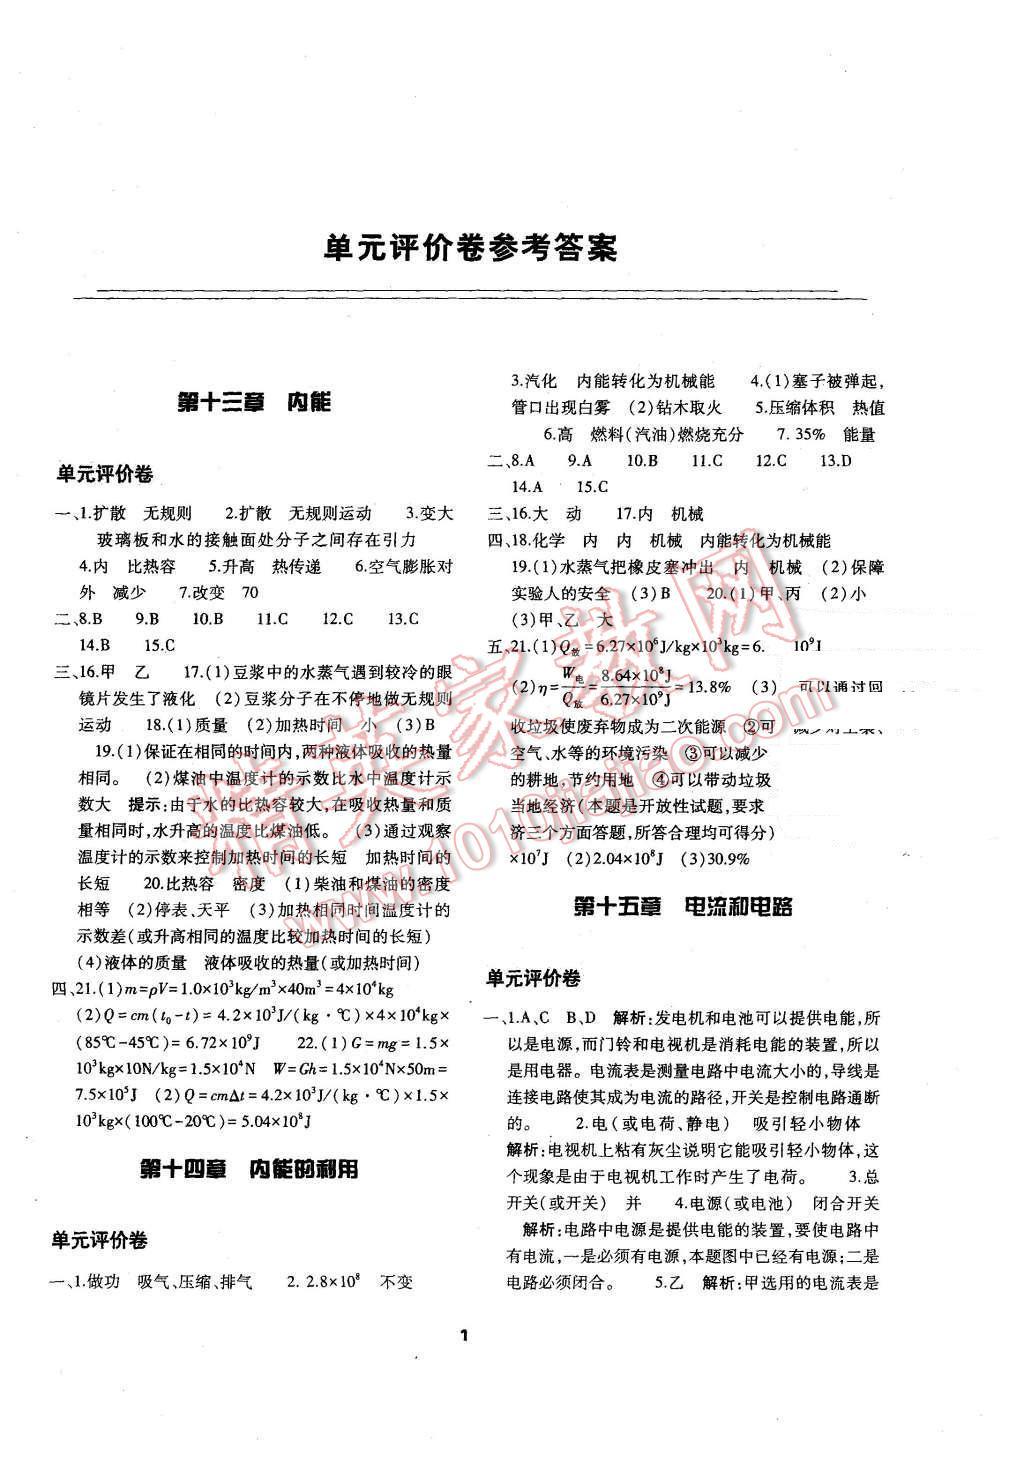 2015年基础训练九年级物理全一册人教版河南省内使用单元评价卷参考答案第1页